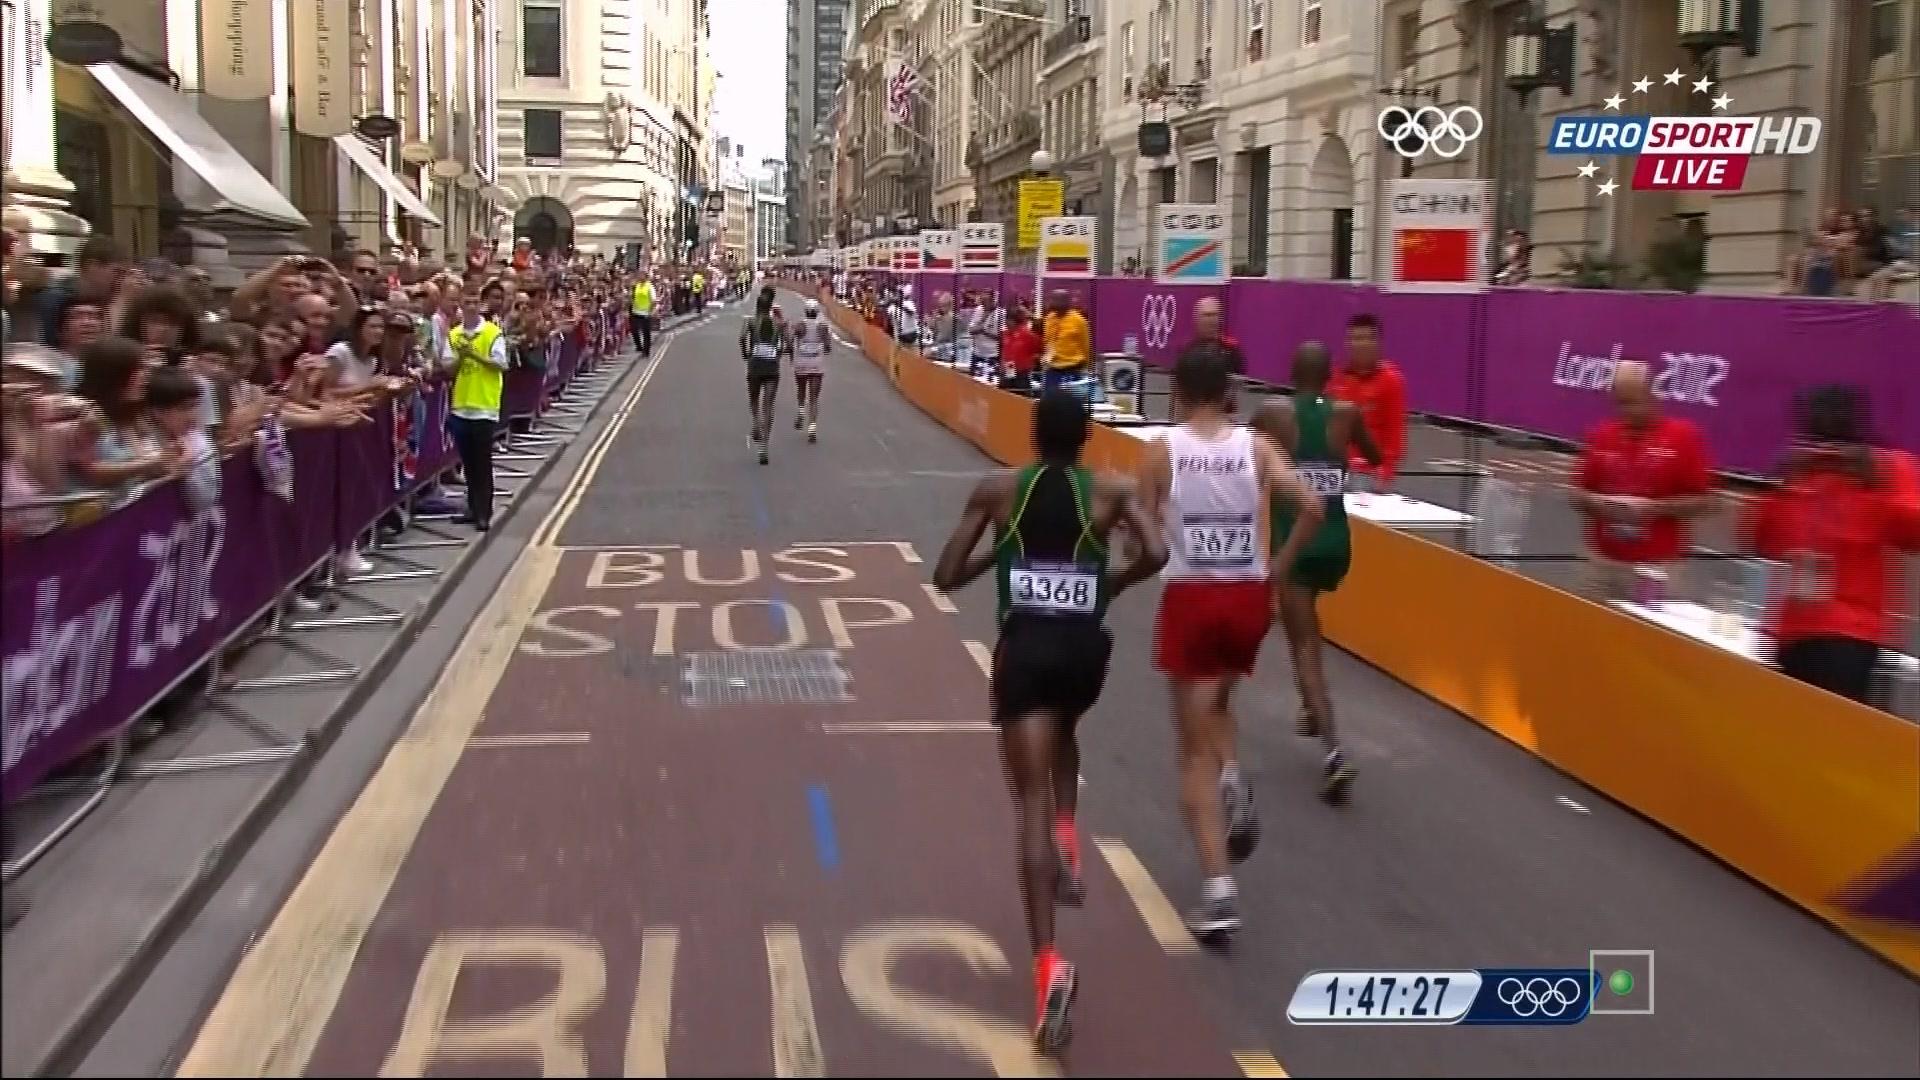 伦敦奥运会马拉松的高清种子图片